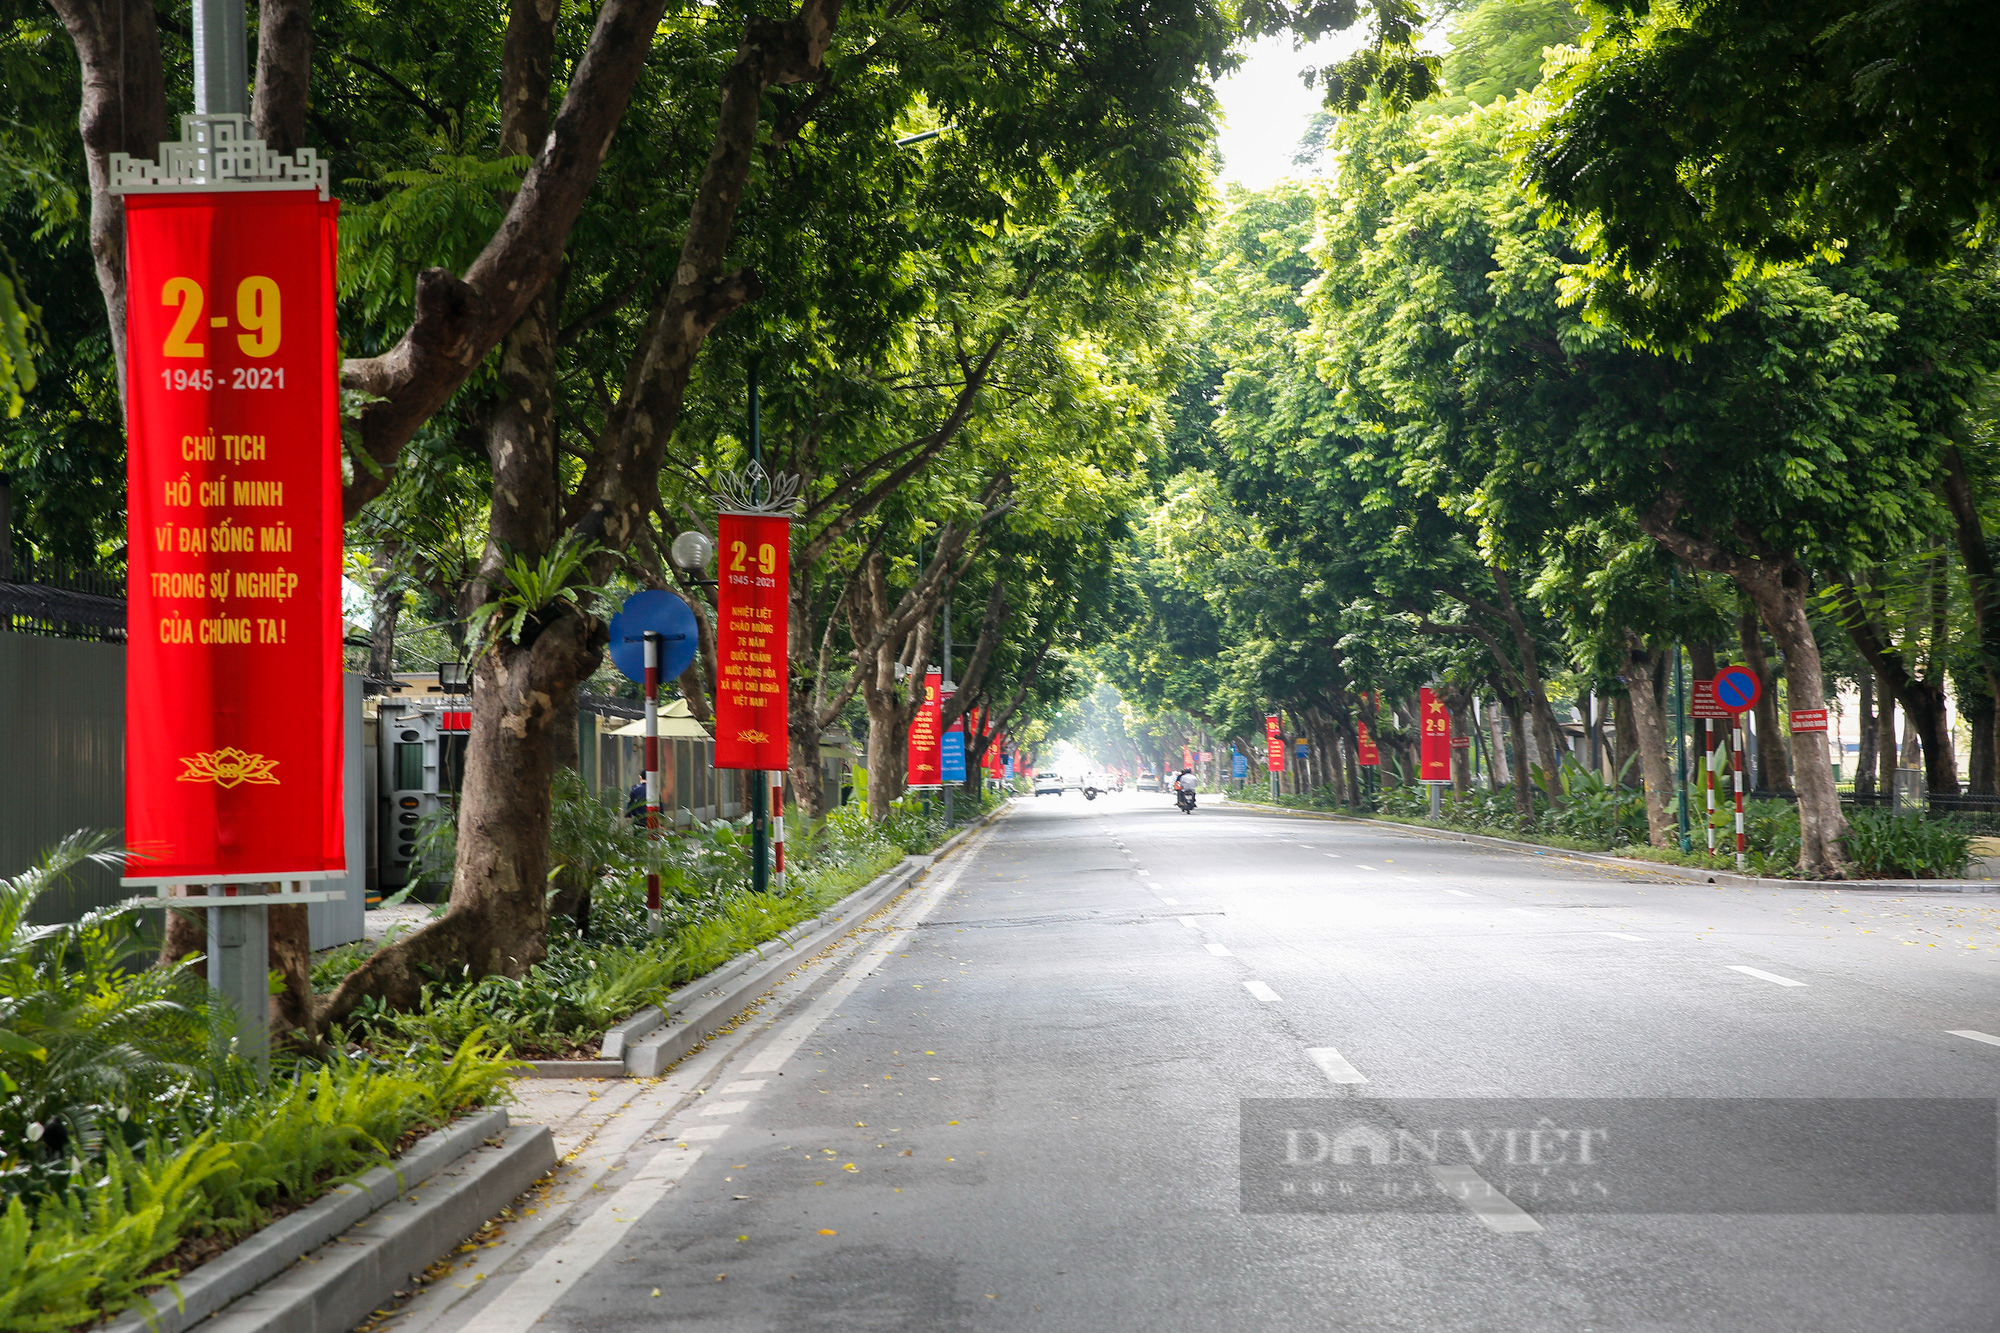 Đường phố Hà Nội rực rỡ sắc đỏ chào mừng Quốc khánh 2/9 - Ảnh 10.